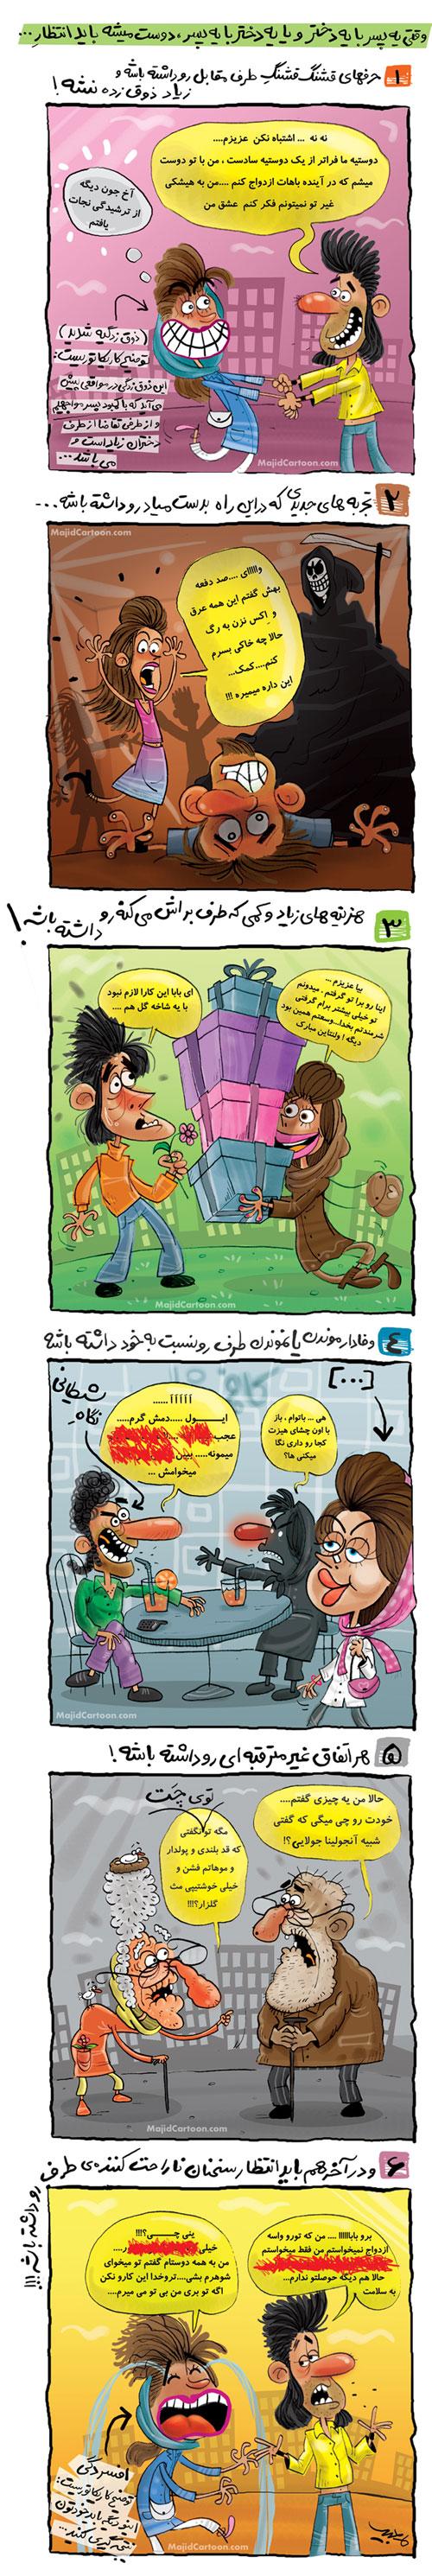 کاریکاتورهایی زیبا و خنده دار